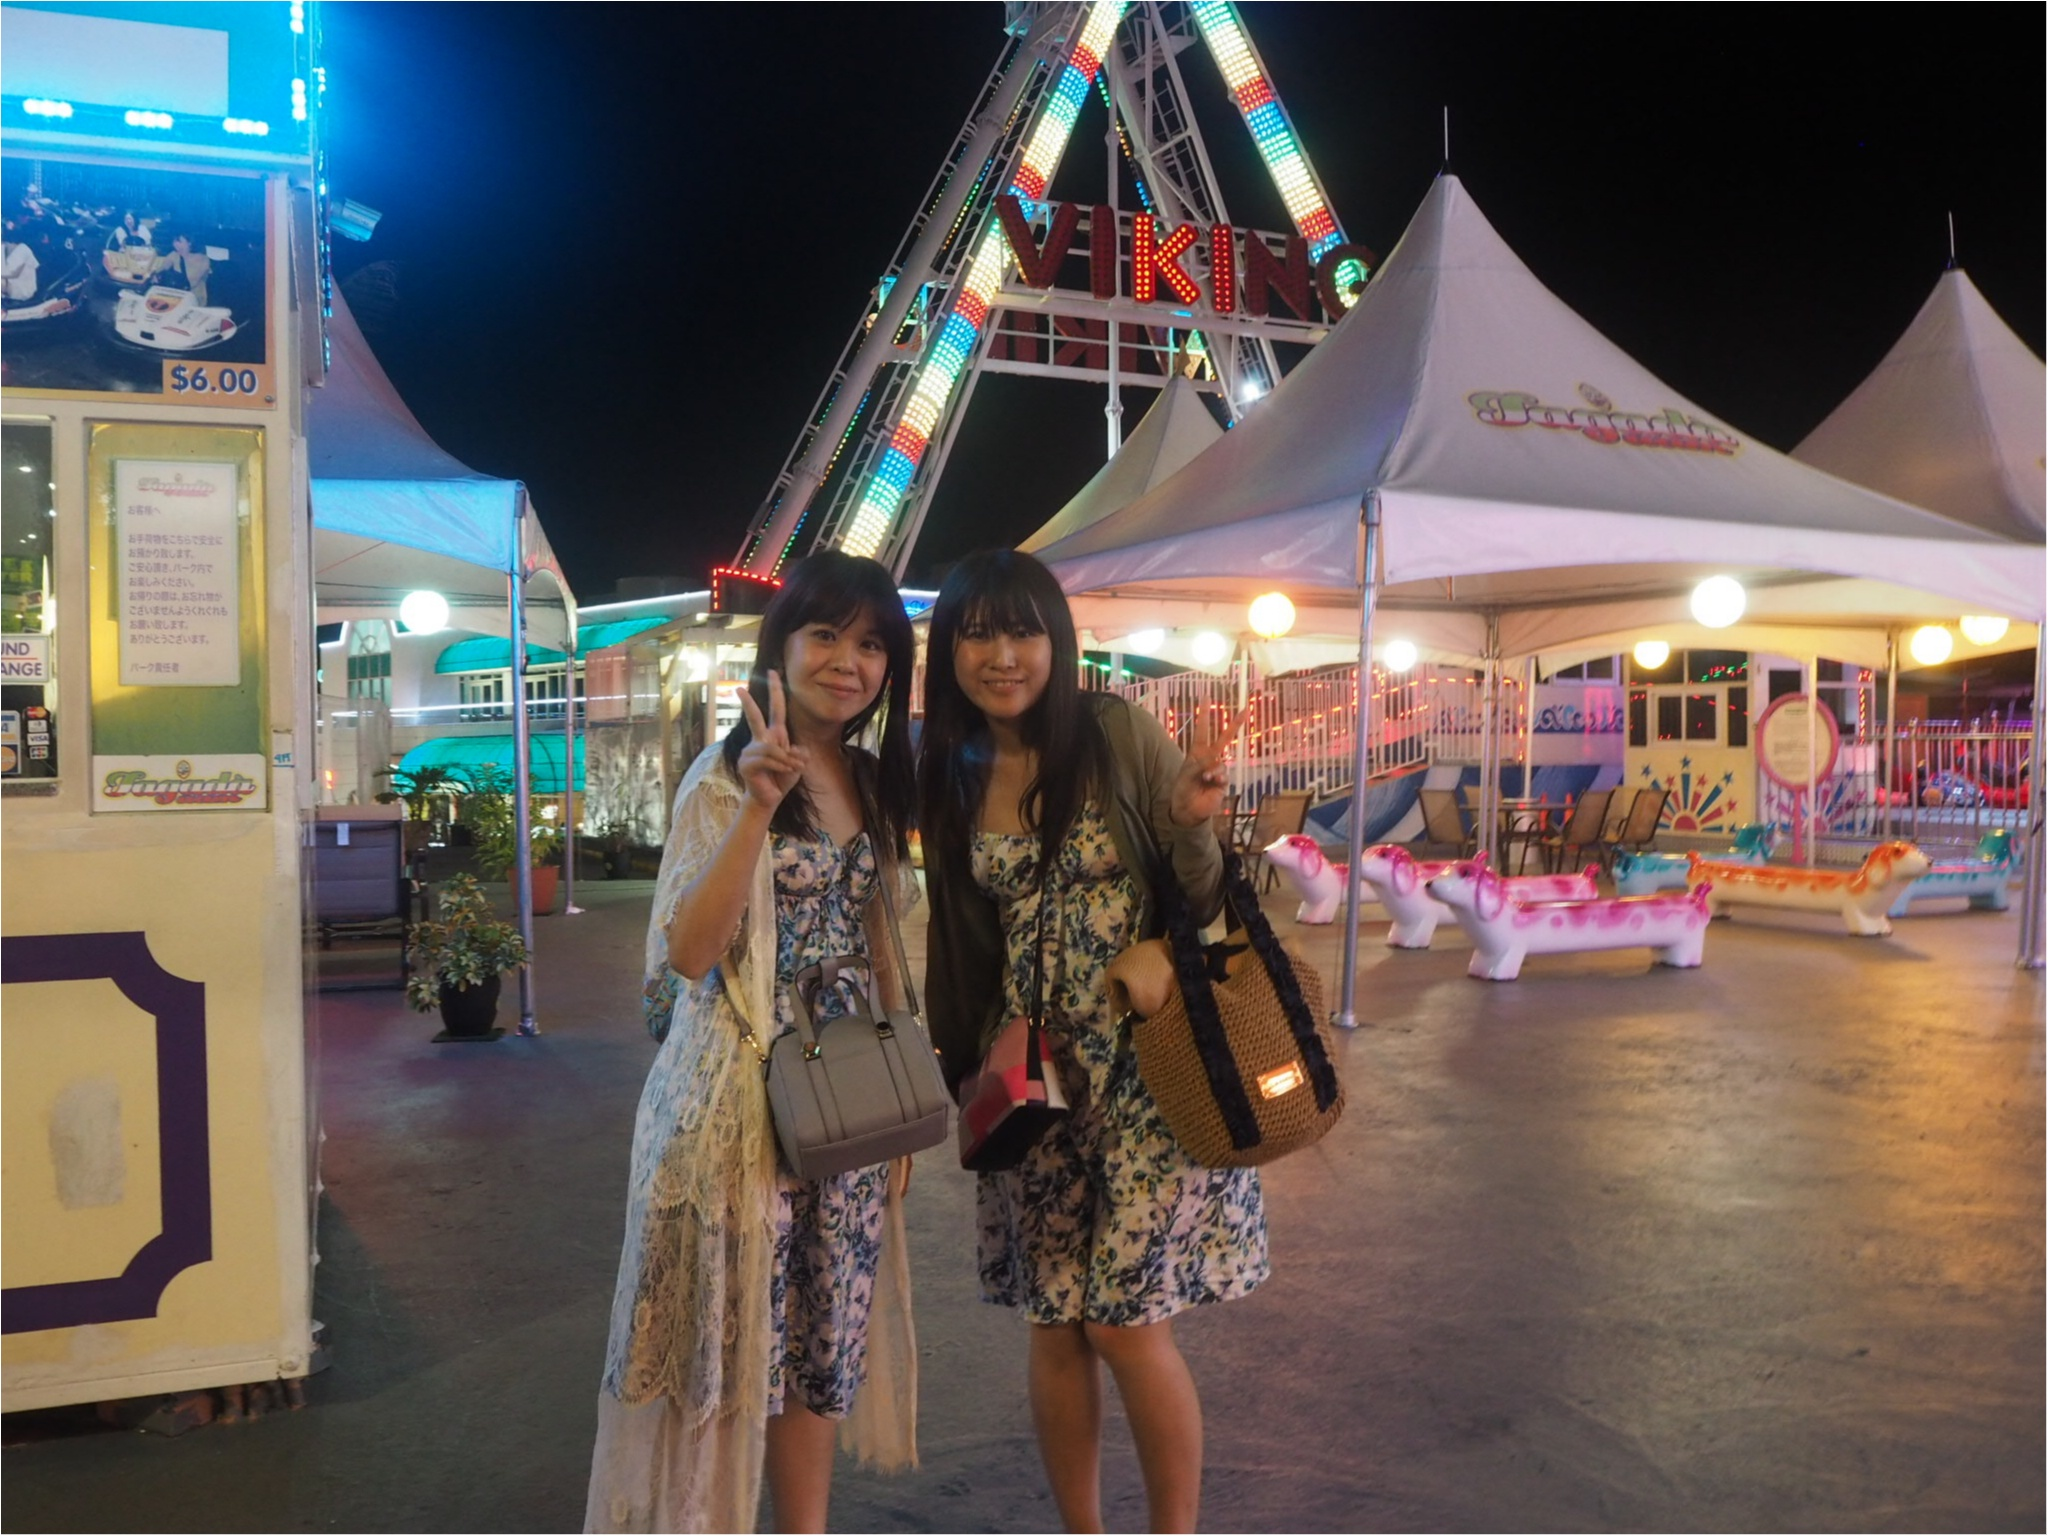 グアム女子旅特集《2019年版》- 旅する女子がおすすめするカフェやグルメ、インスタ映えスポット、ホテルまとめ_32